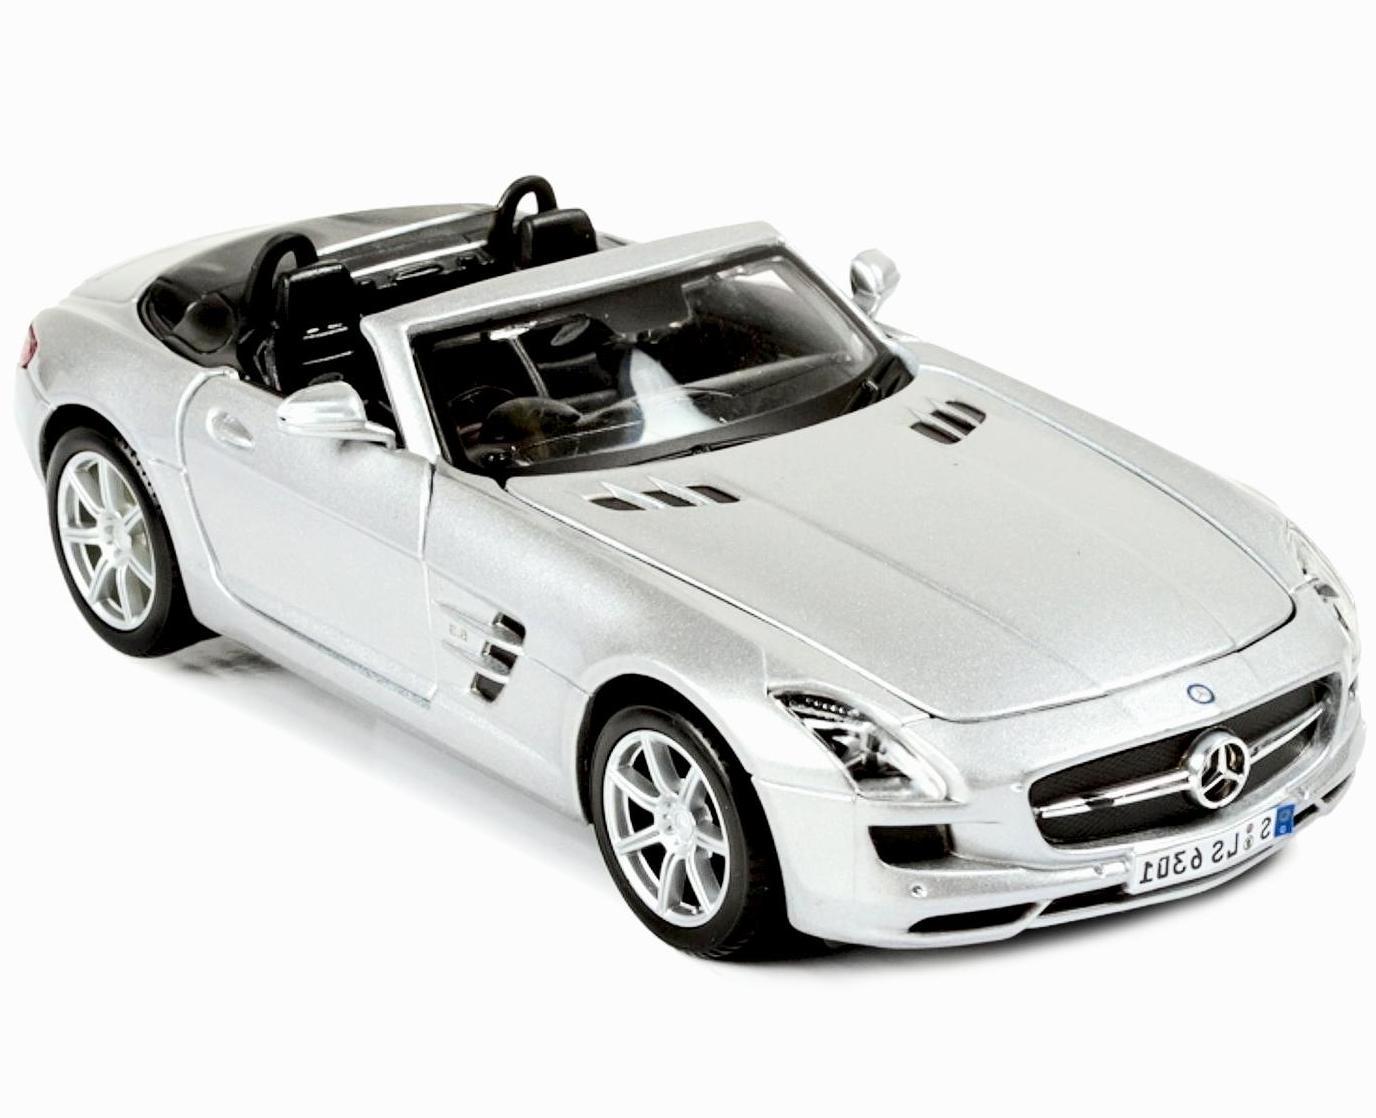 Купить Машинка Maisto 1:24 Mercedes-Benz SLS AMG Roadster, белая, Китай